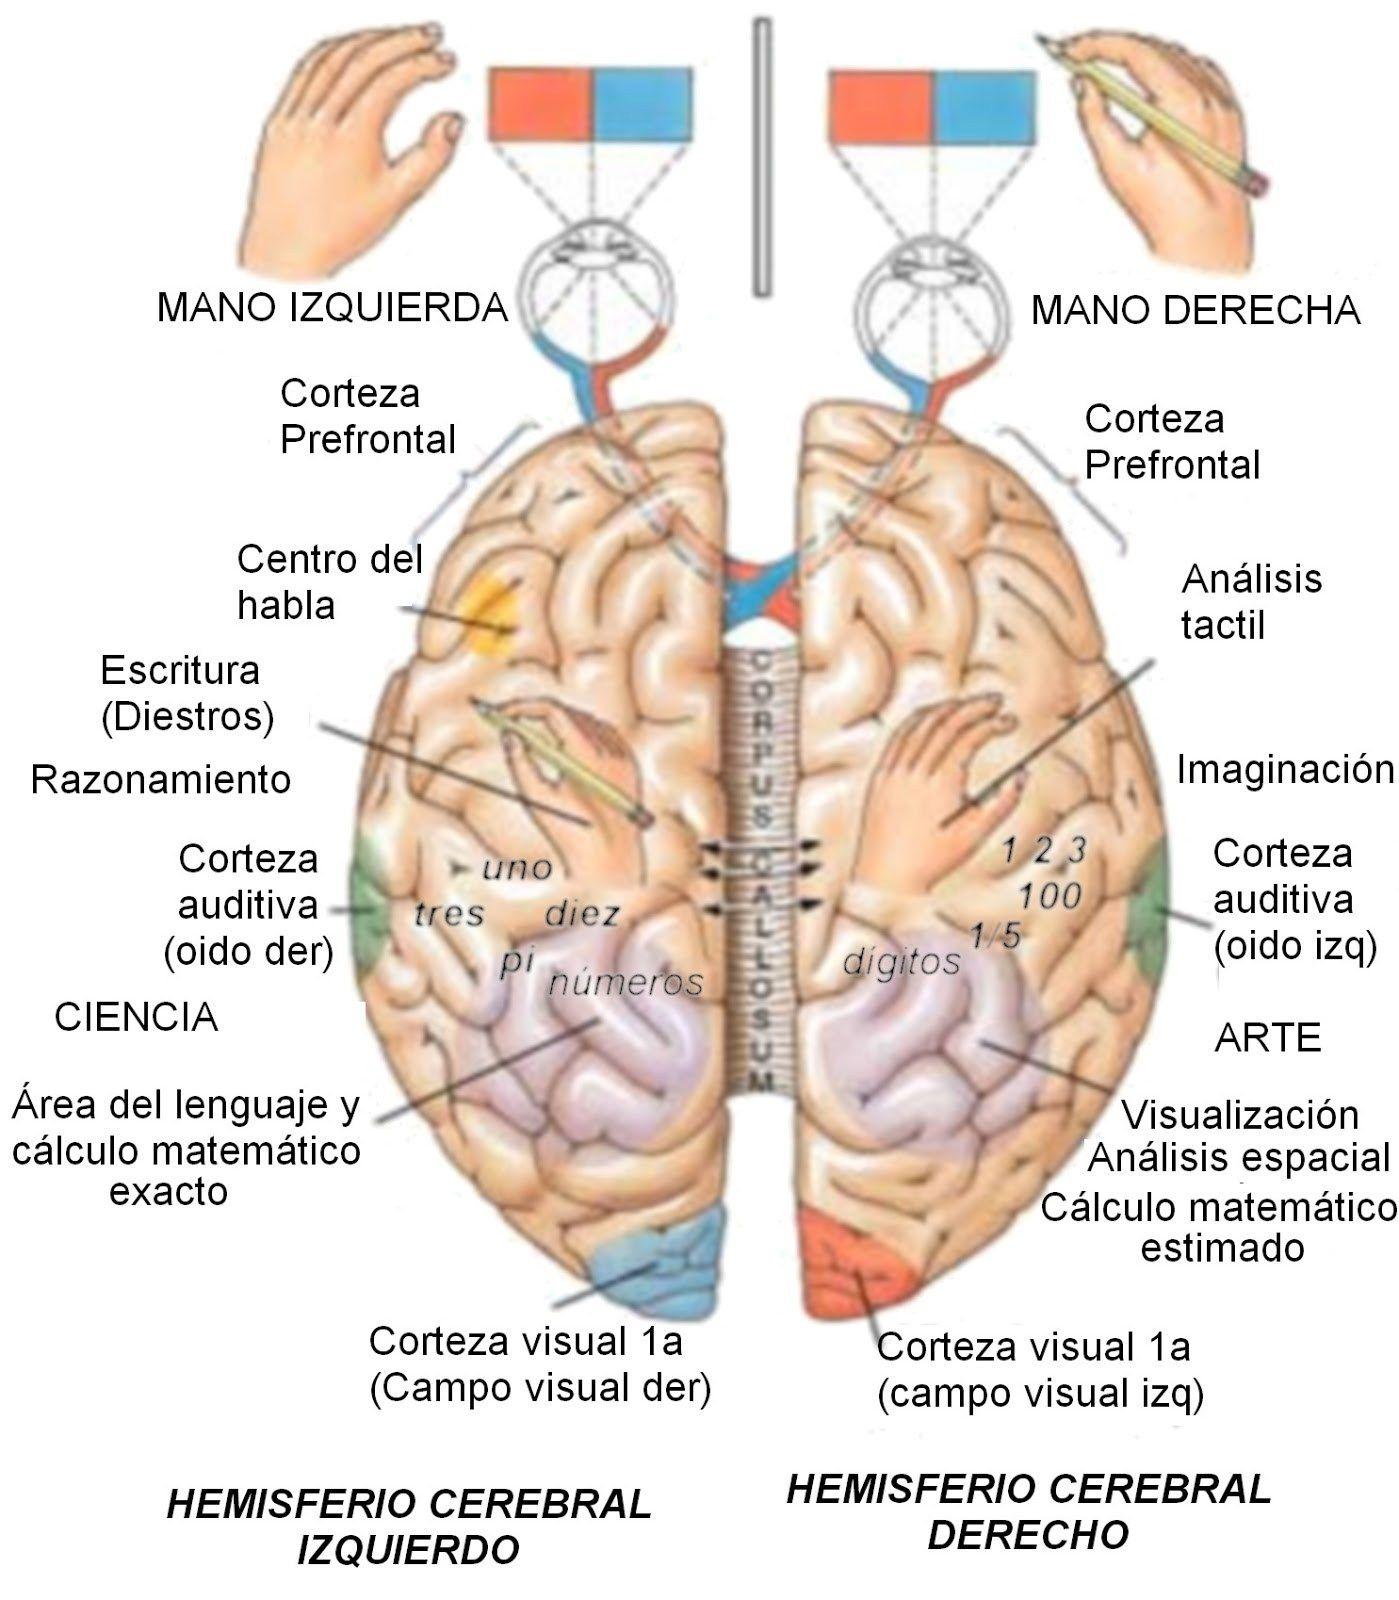 Aprender A Dibujar Con El Lado Derecho Del Cerebro Anatomia Del Cerebro Humano Terapeuta Ocupacional Cerebro Humano